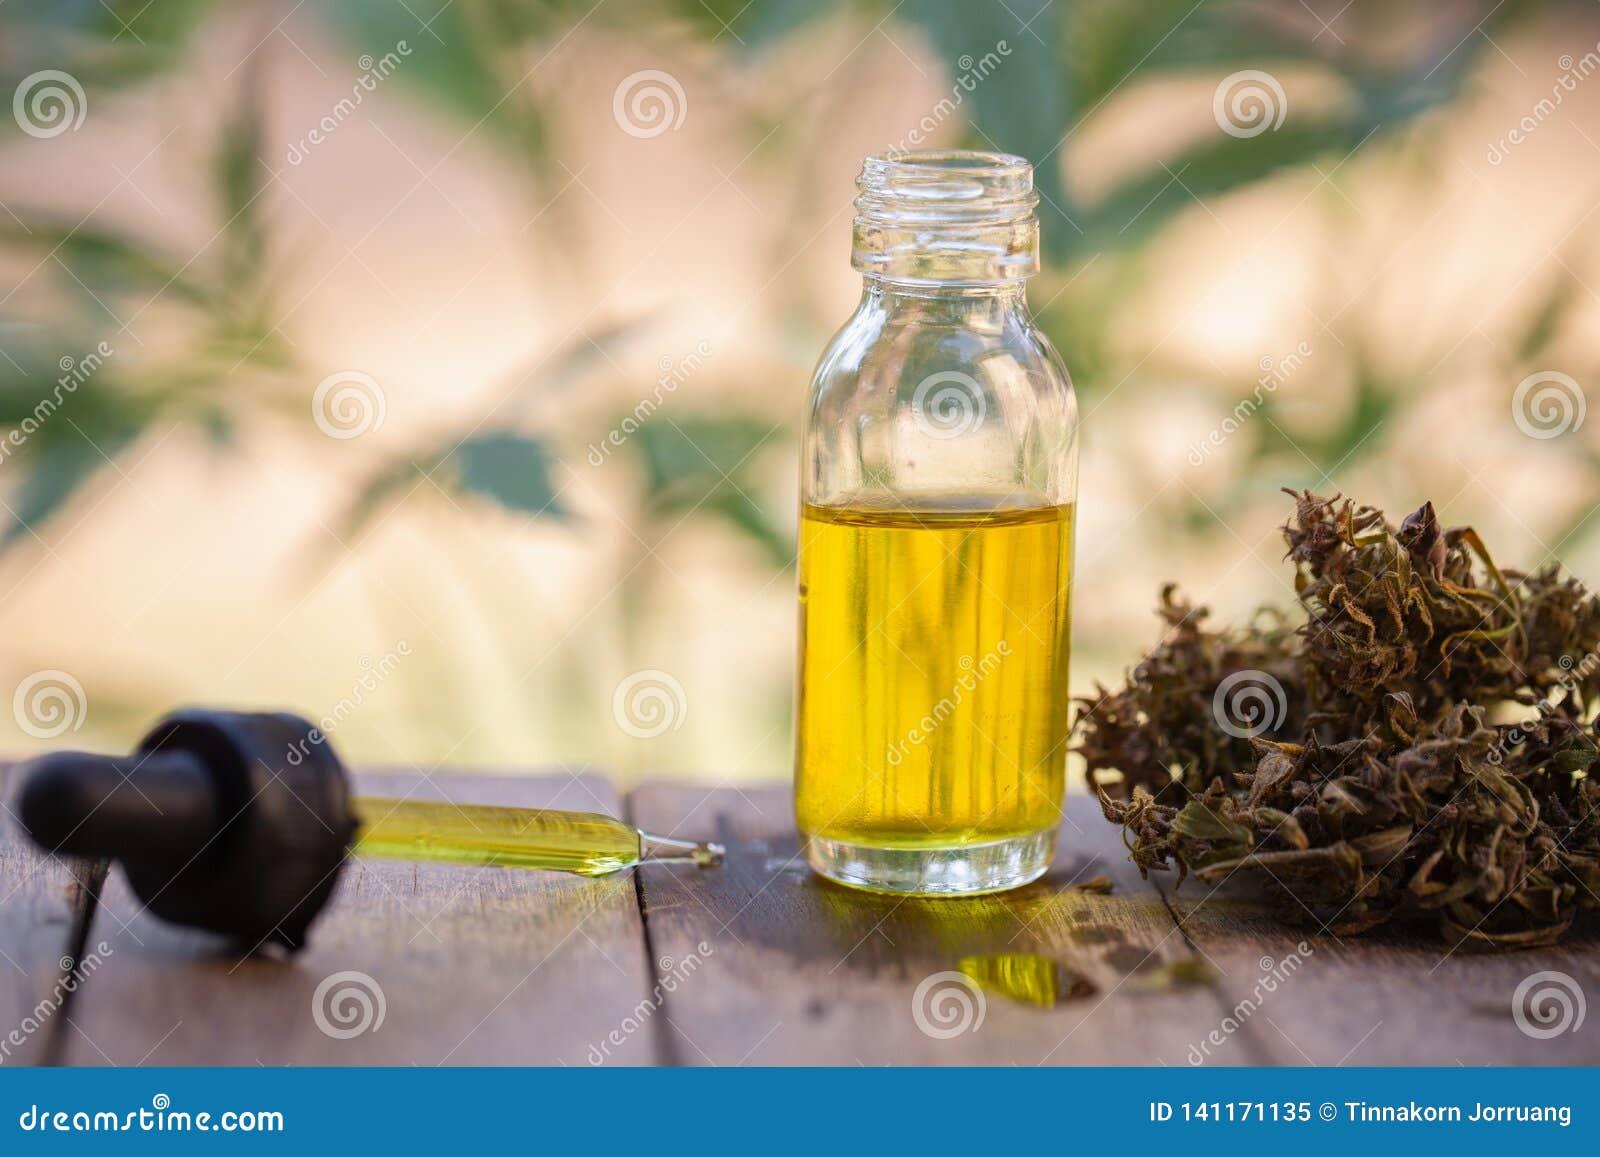 Масло пеньки, бутылка масла марихуаны, выдержки масла конопли в опарниках, медицинской марихуане, пипетке масла CBD